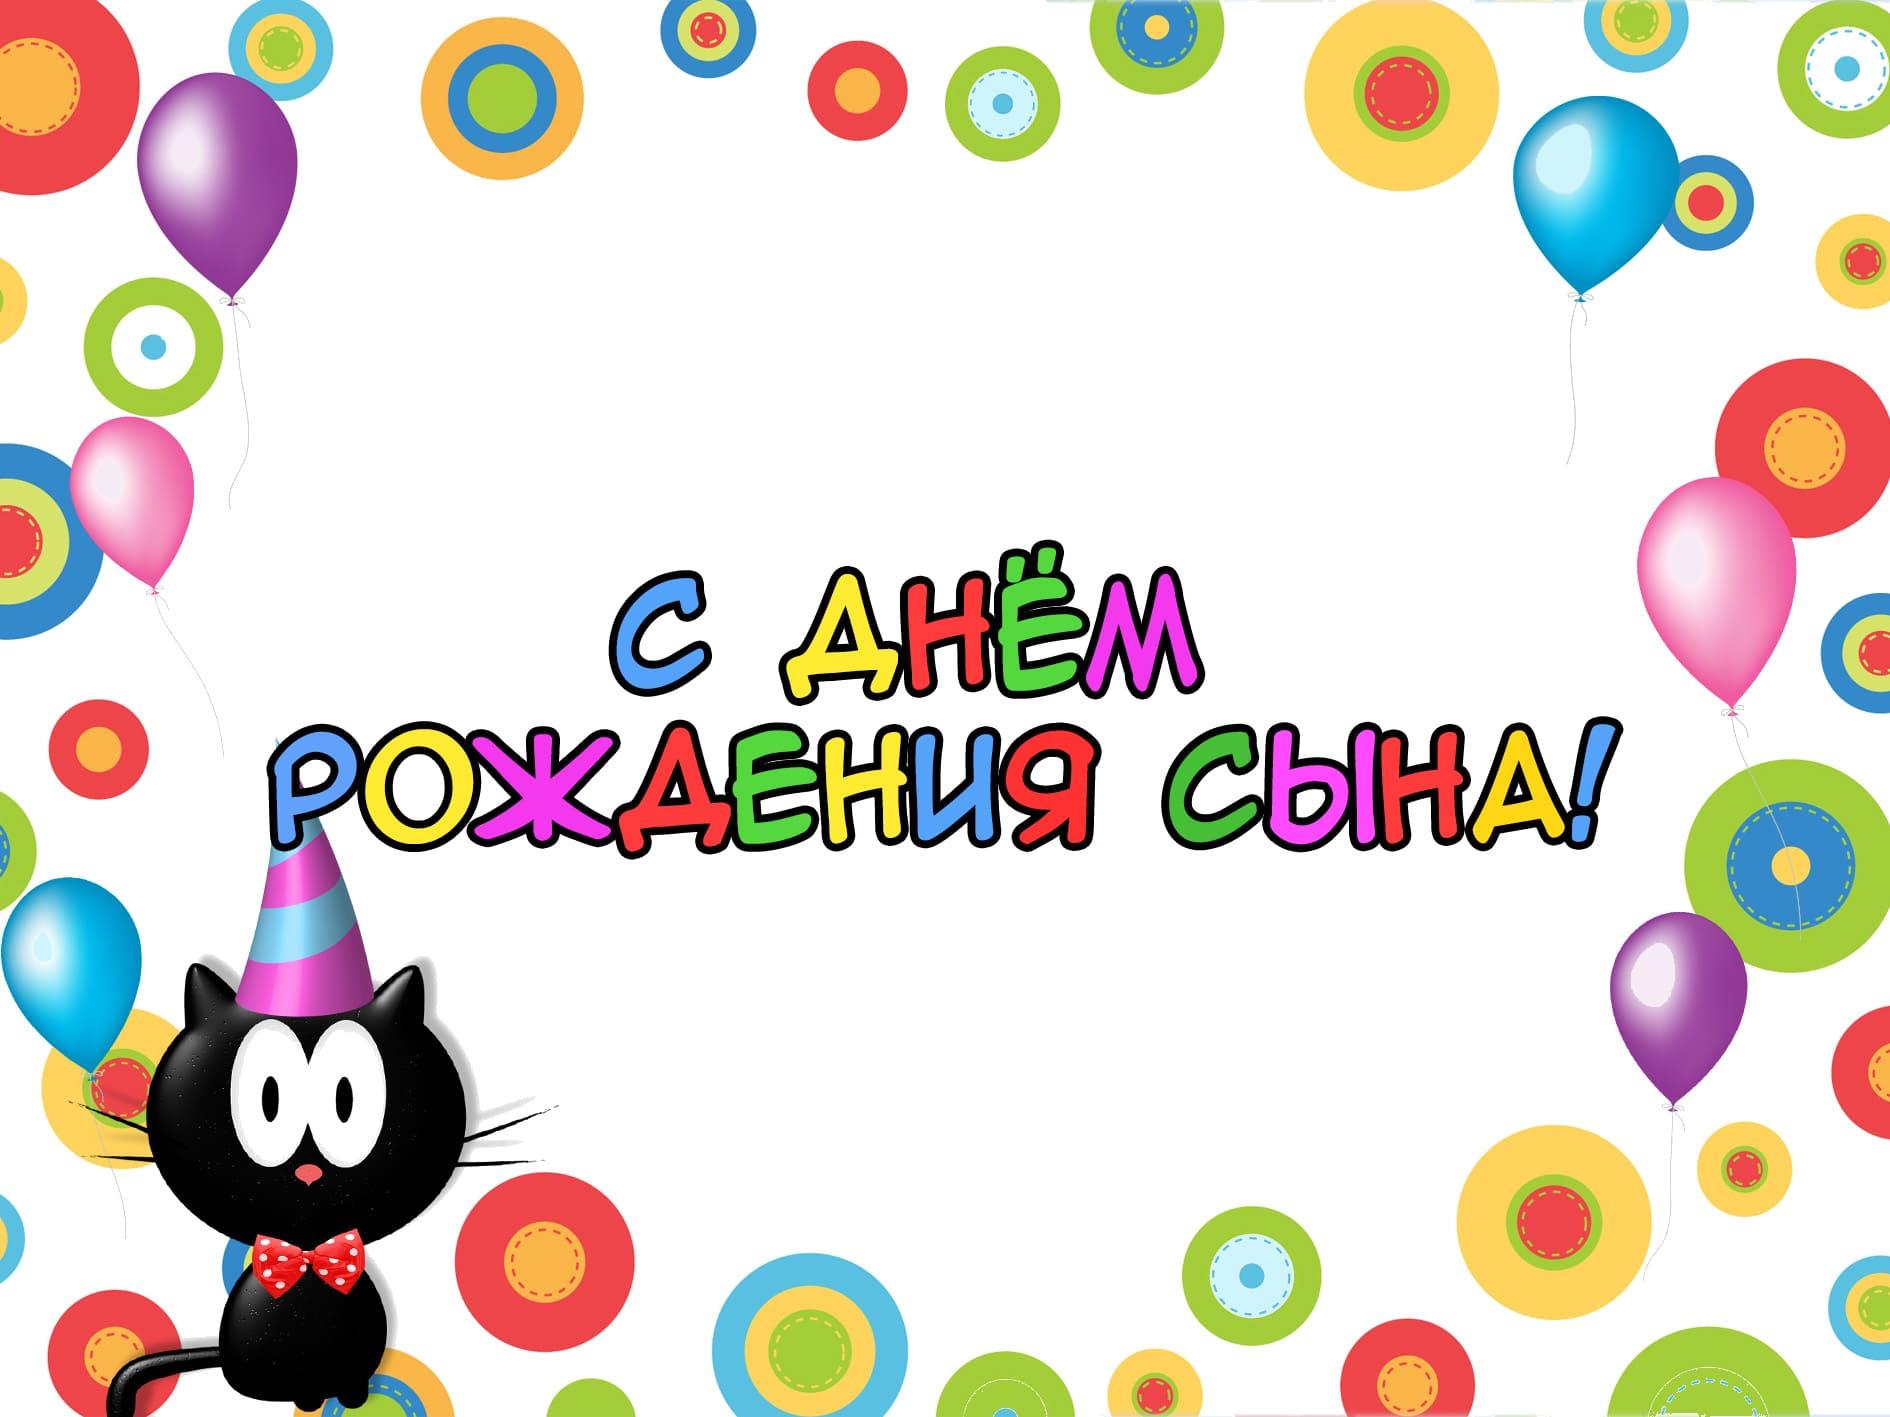 Изображение - Поздравление с рождением сына для мамы открытки pozdravlayu-s-dnem-rozhdeniya-sina-4